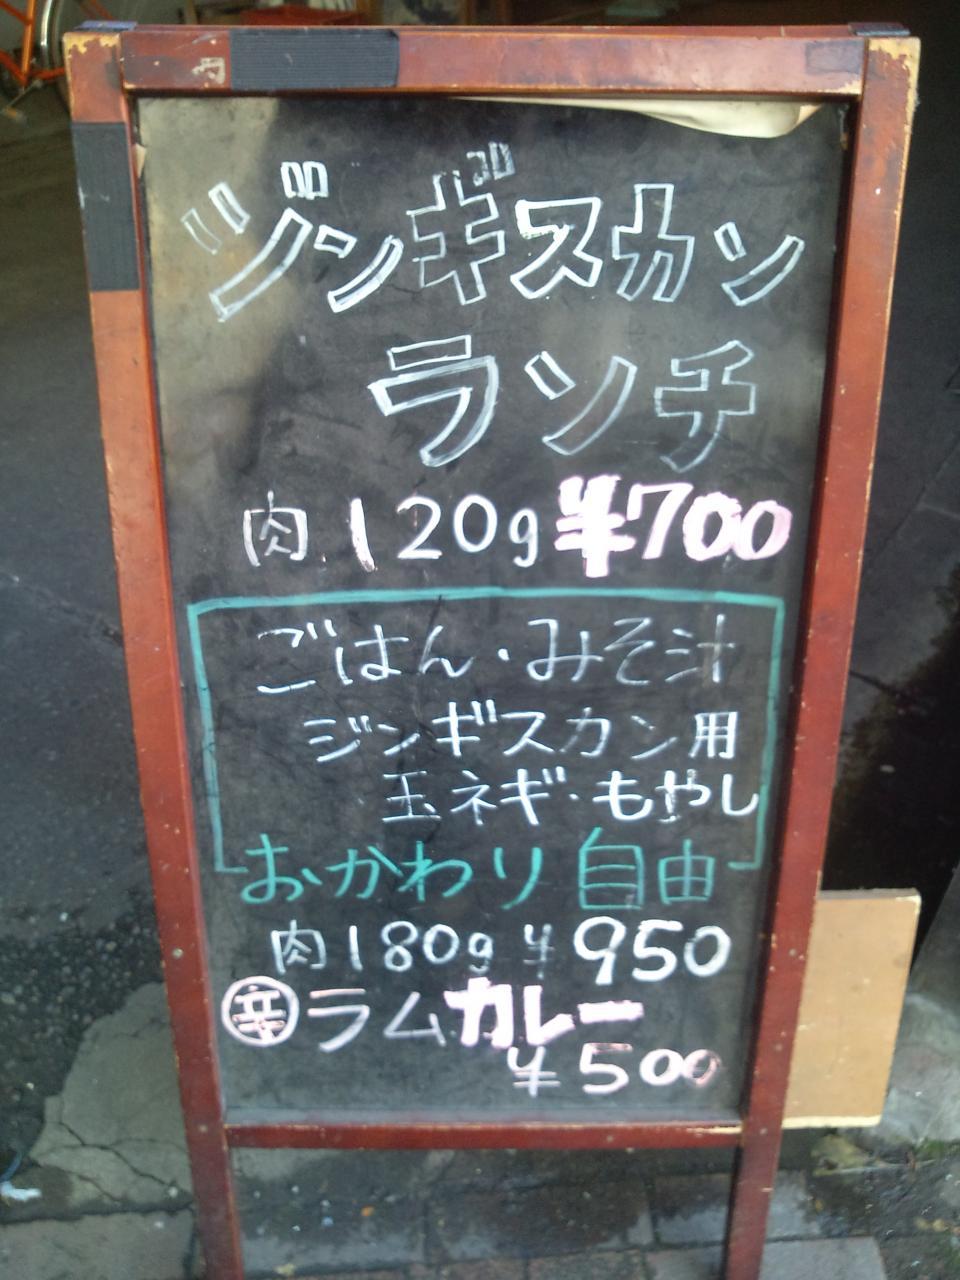 ヤマダモンゴル神田北口店(看板)